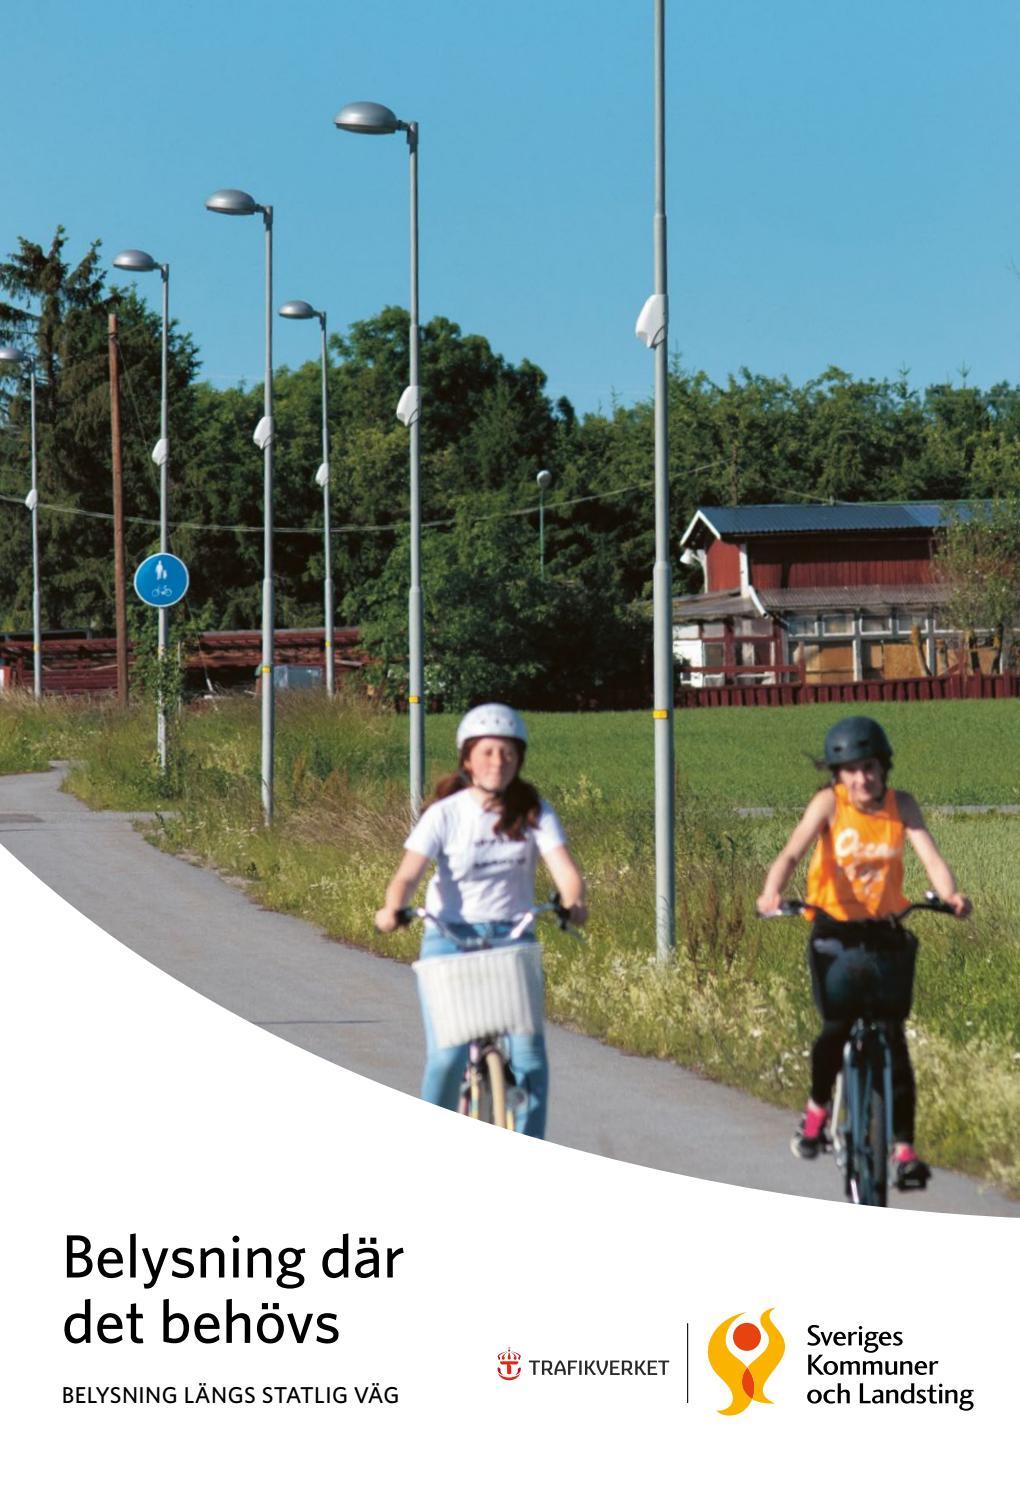 Redigerbar Karta Sverige.7585 578 3 By Sveriges Kommuner Och Landsting Issuu